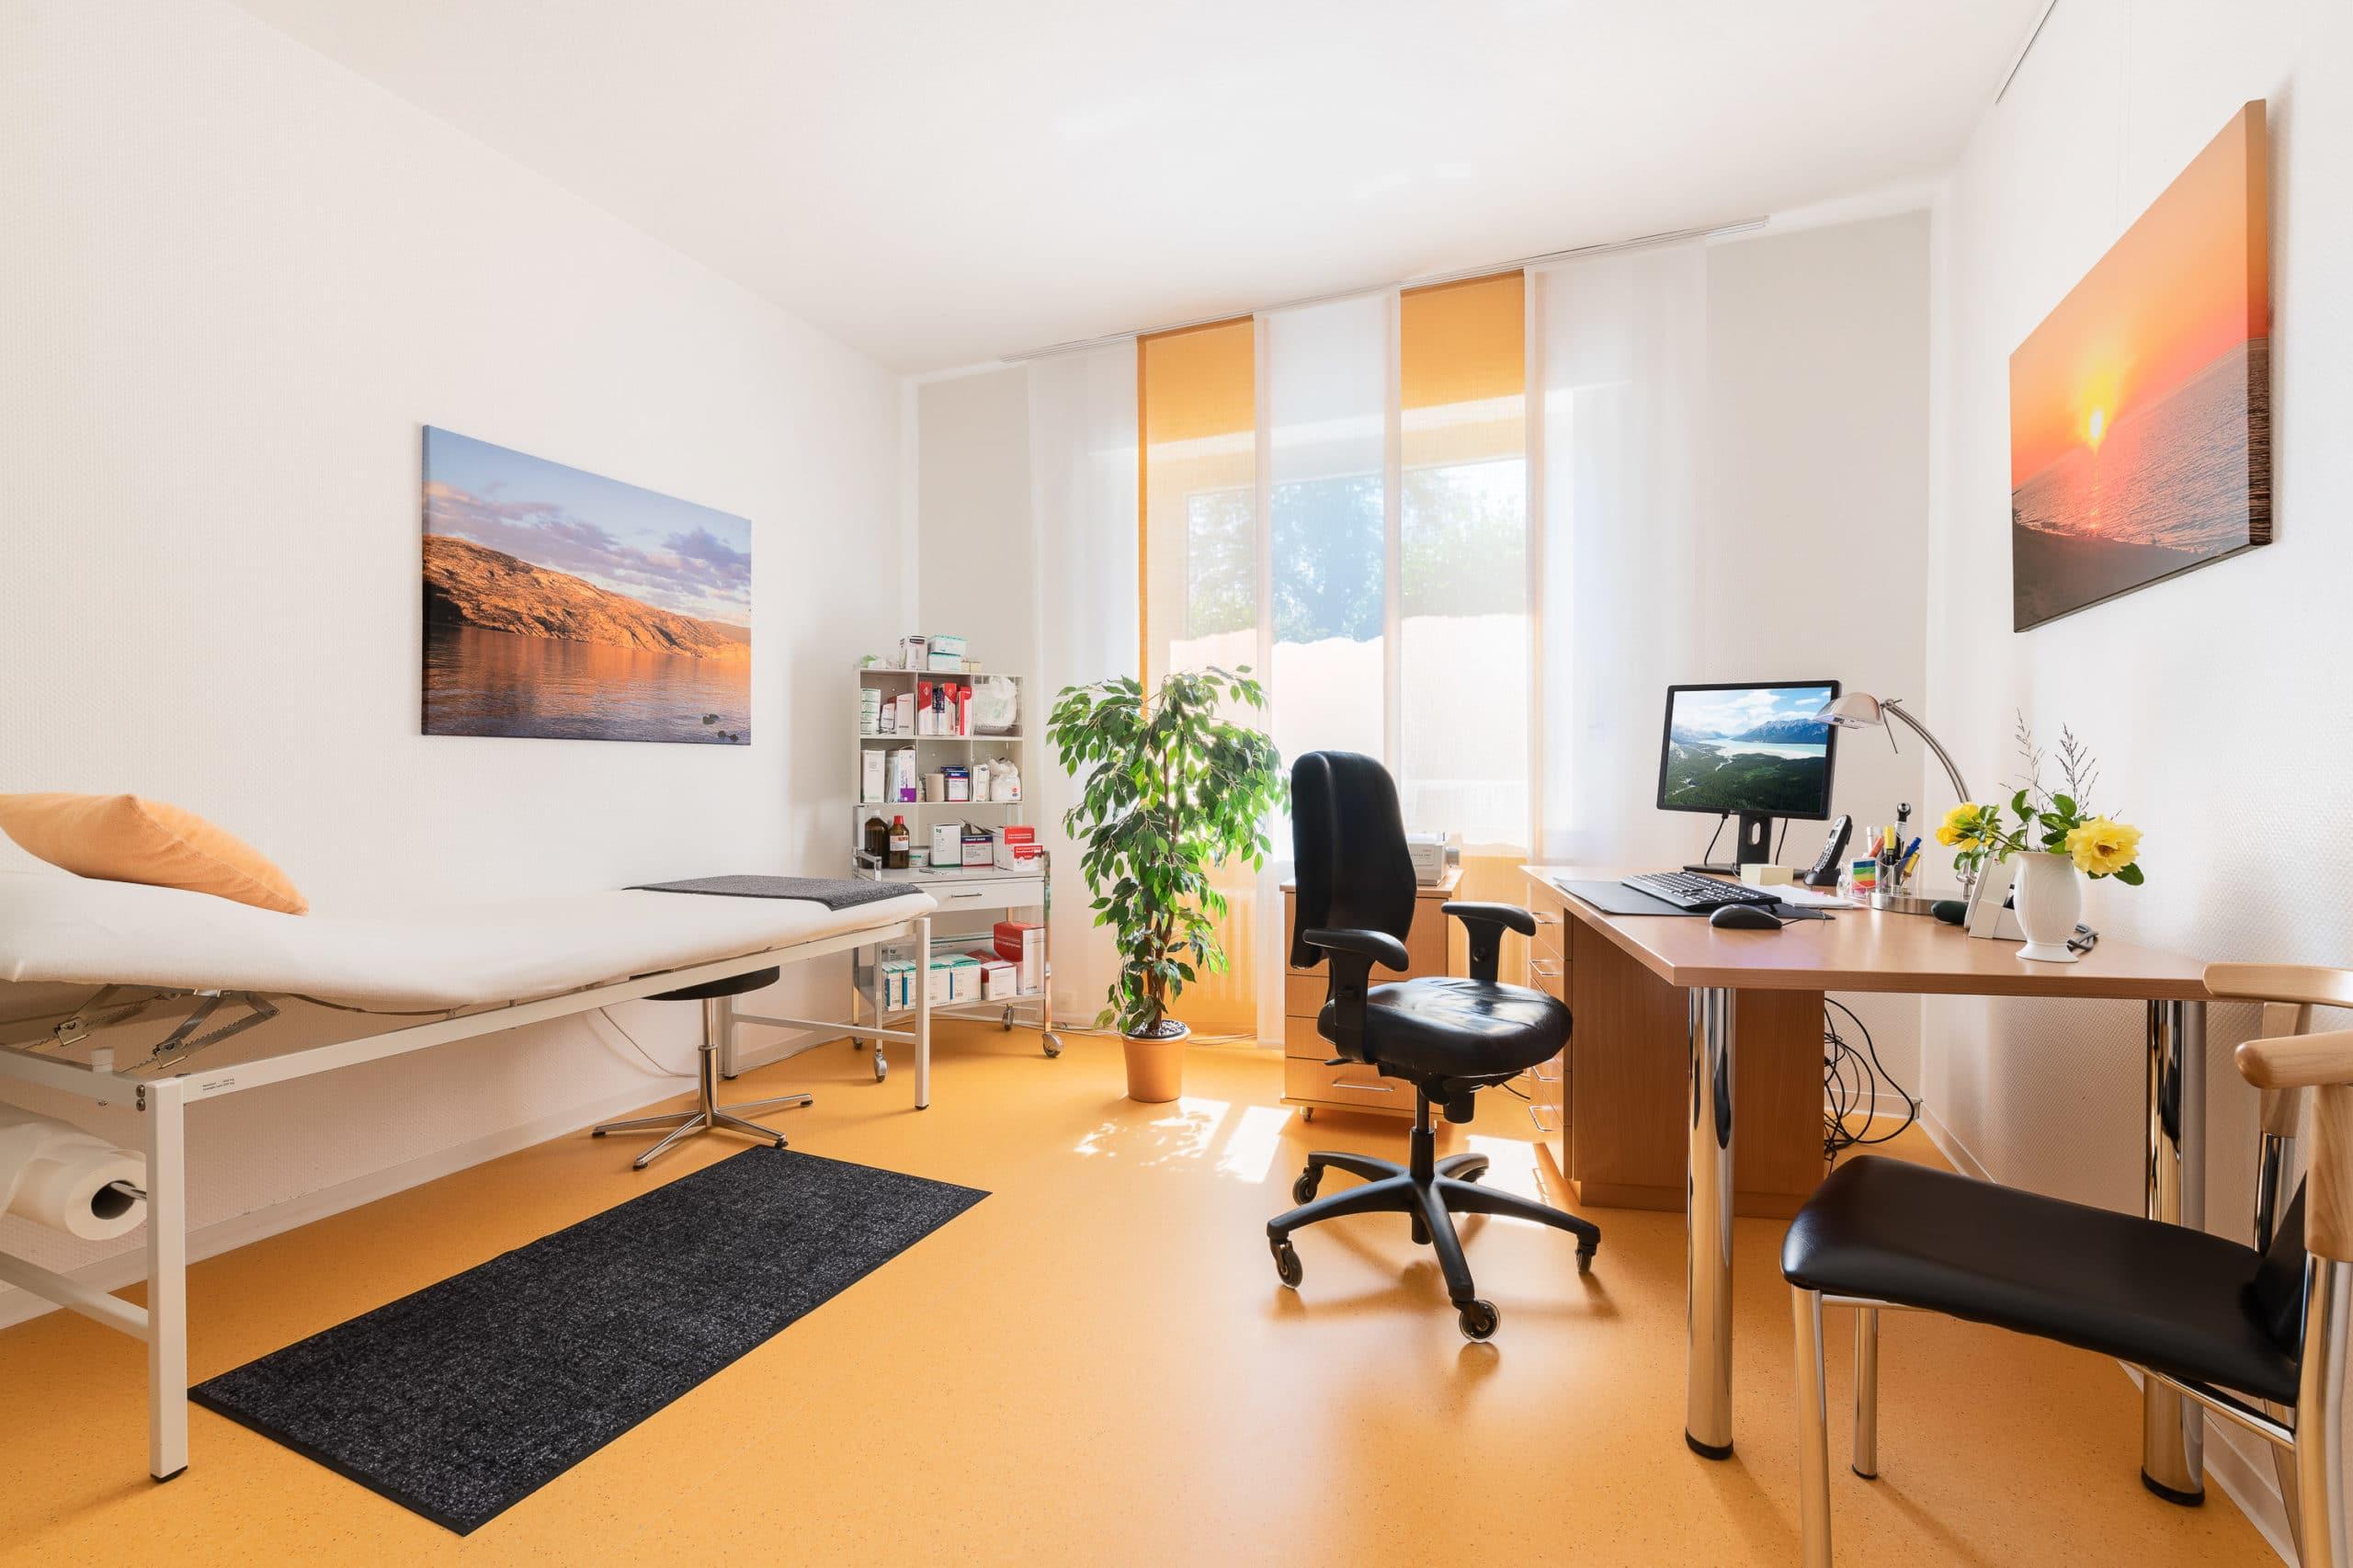 Interieur Aufnahme eines Behandlungszimmers einer Arztpraxis im Münsterland |Architekturfotograf für Praxisfotografie in Osnabrück Münster Bielefeld NRW Niedersachsen und bundesweit